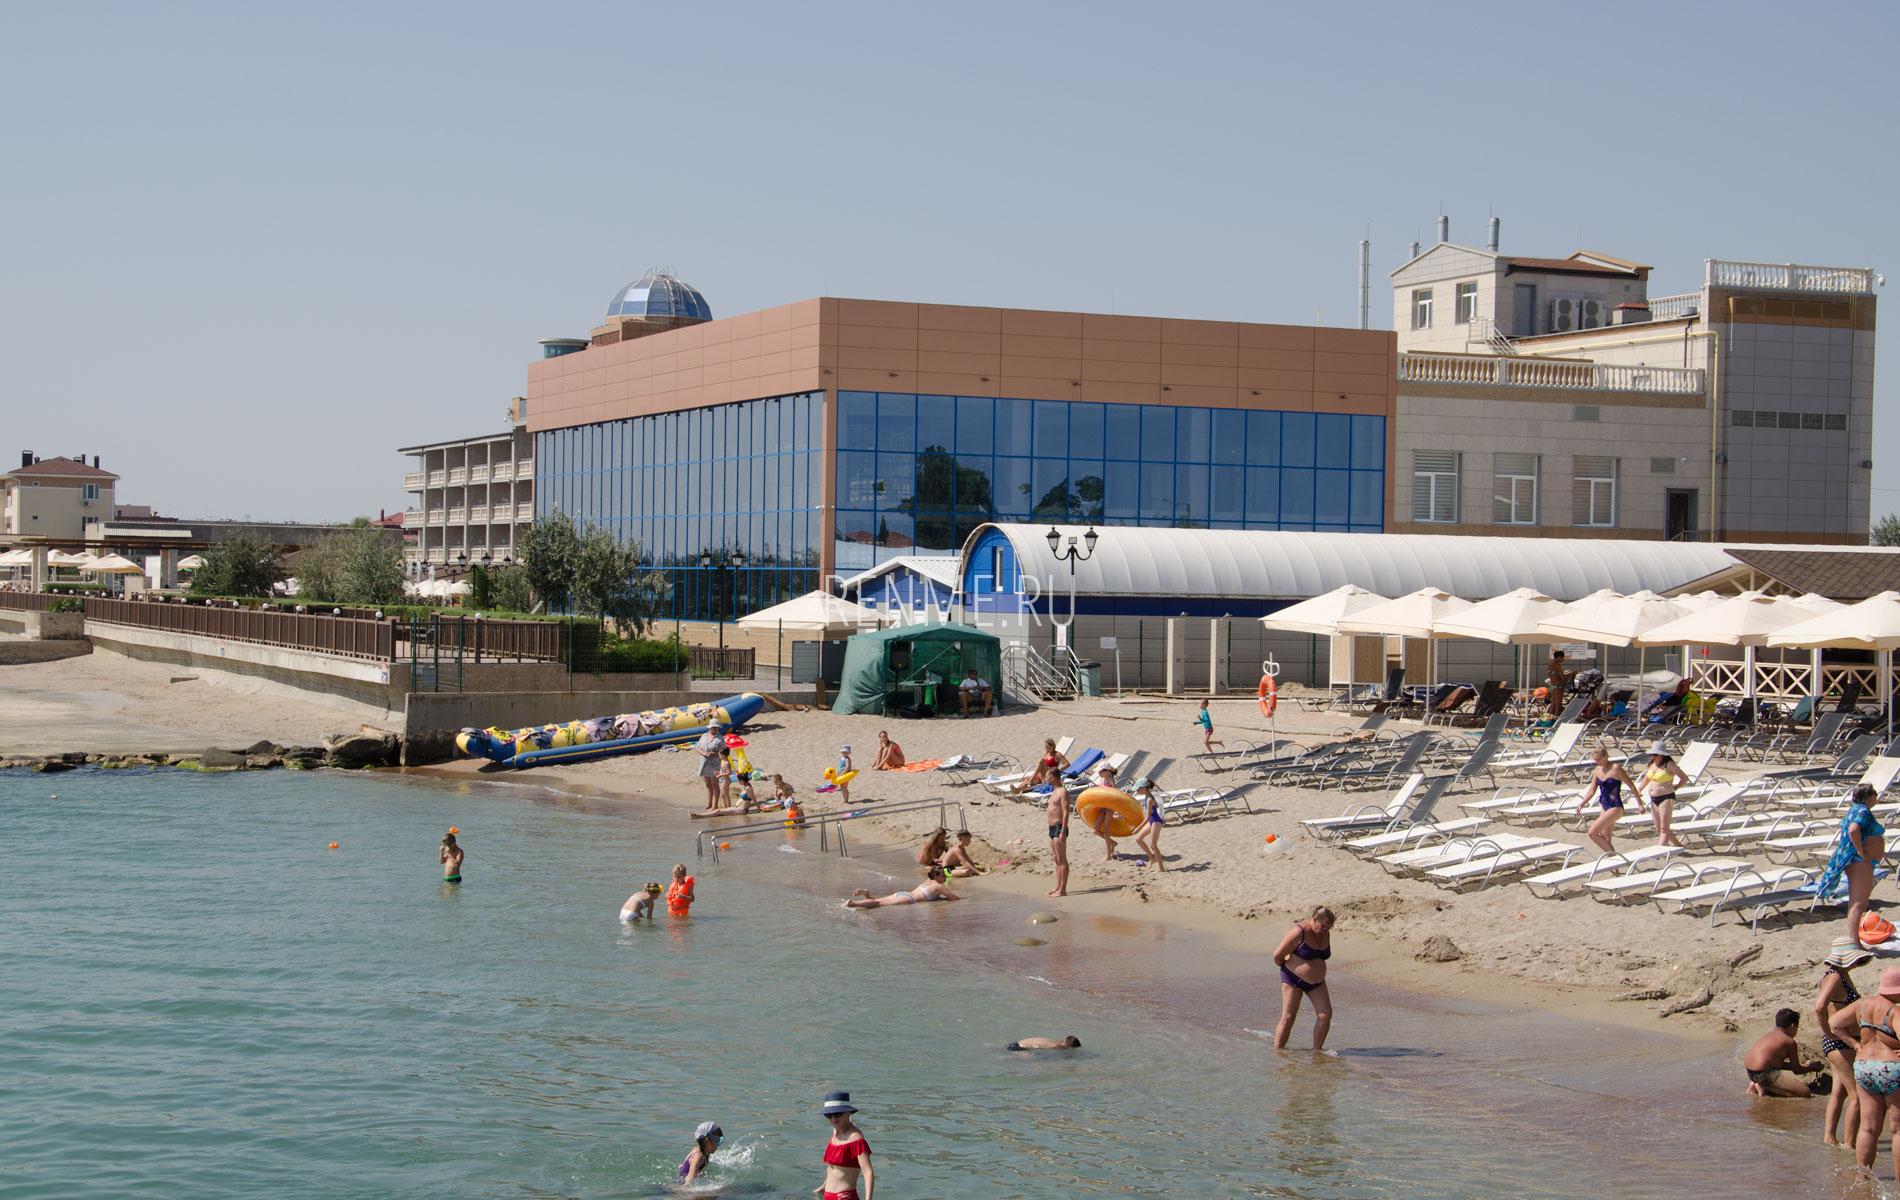 Песчаный пляж для отдыха. Фото Евпатории